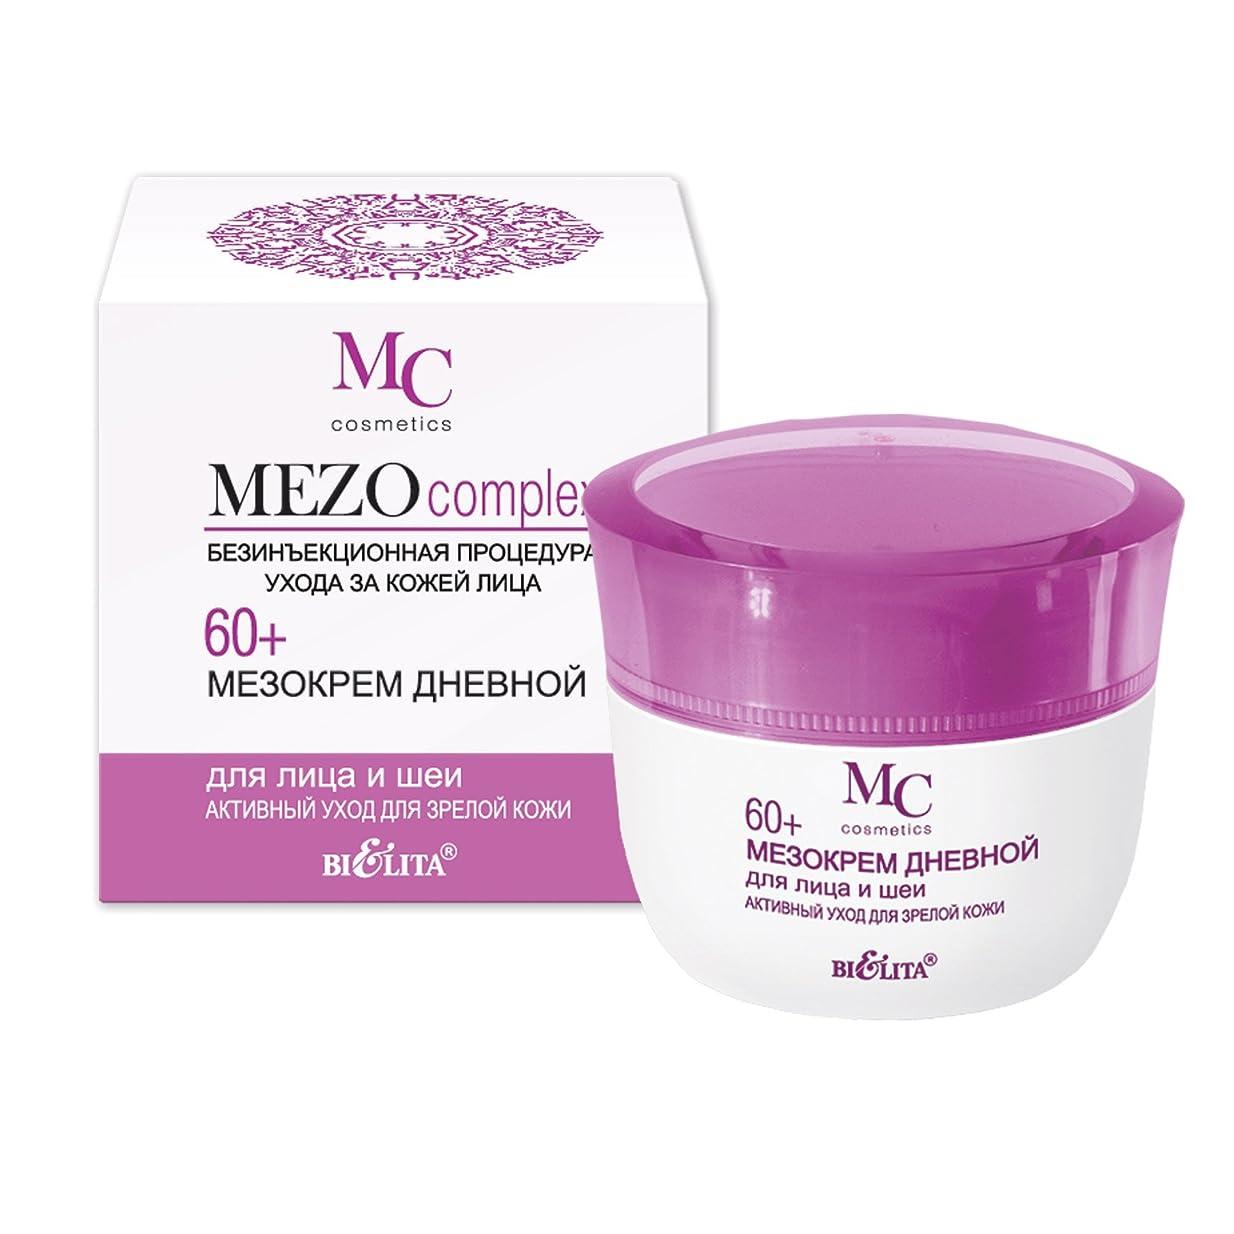 入手します退院普遍的なSaturated Day Cream (MEZO) is specially designed for the care of mature skin of the face   Hyaluronic acid, Vitamin E, Peach seed oil & much more   50 ml